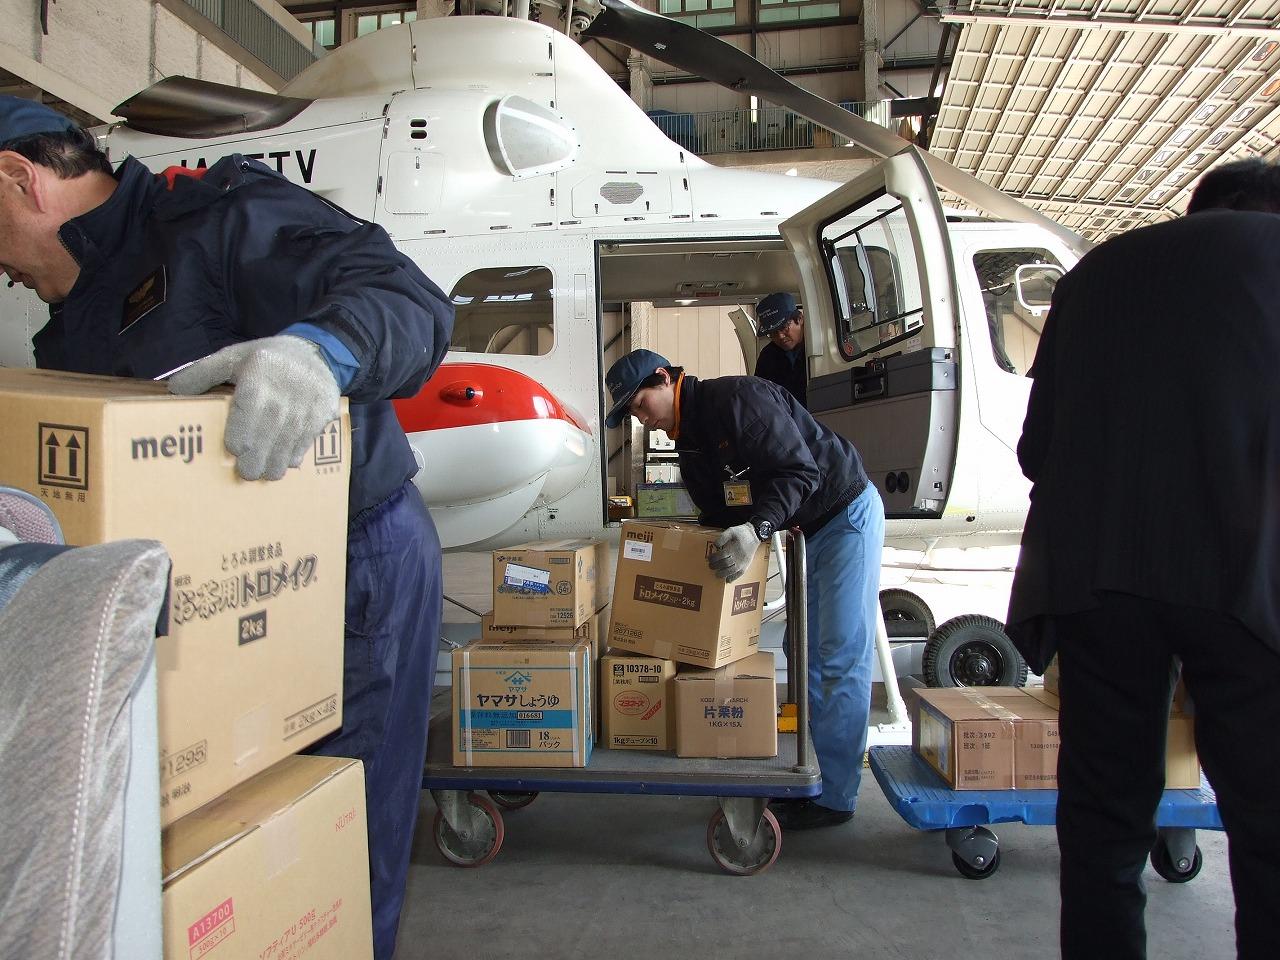 関東甲信越での雪害時にヘリコプターで支援物資を搭載した時の画像